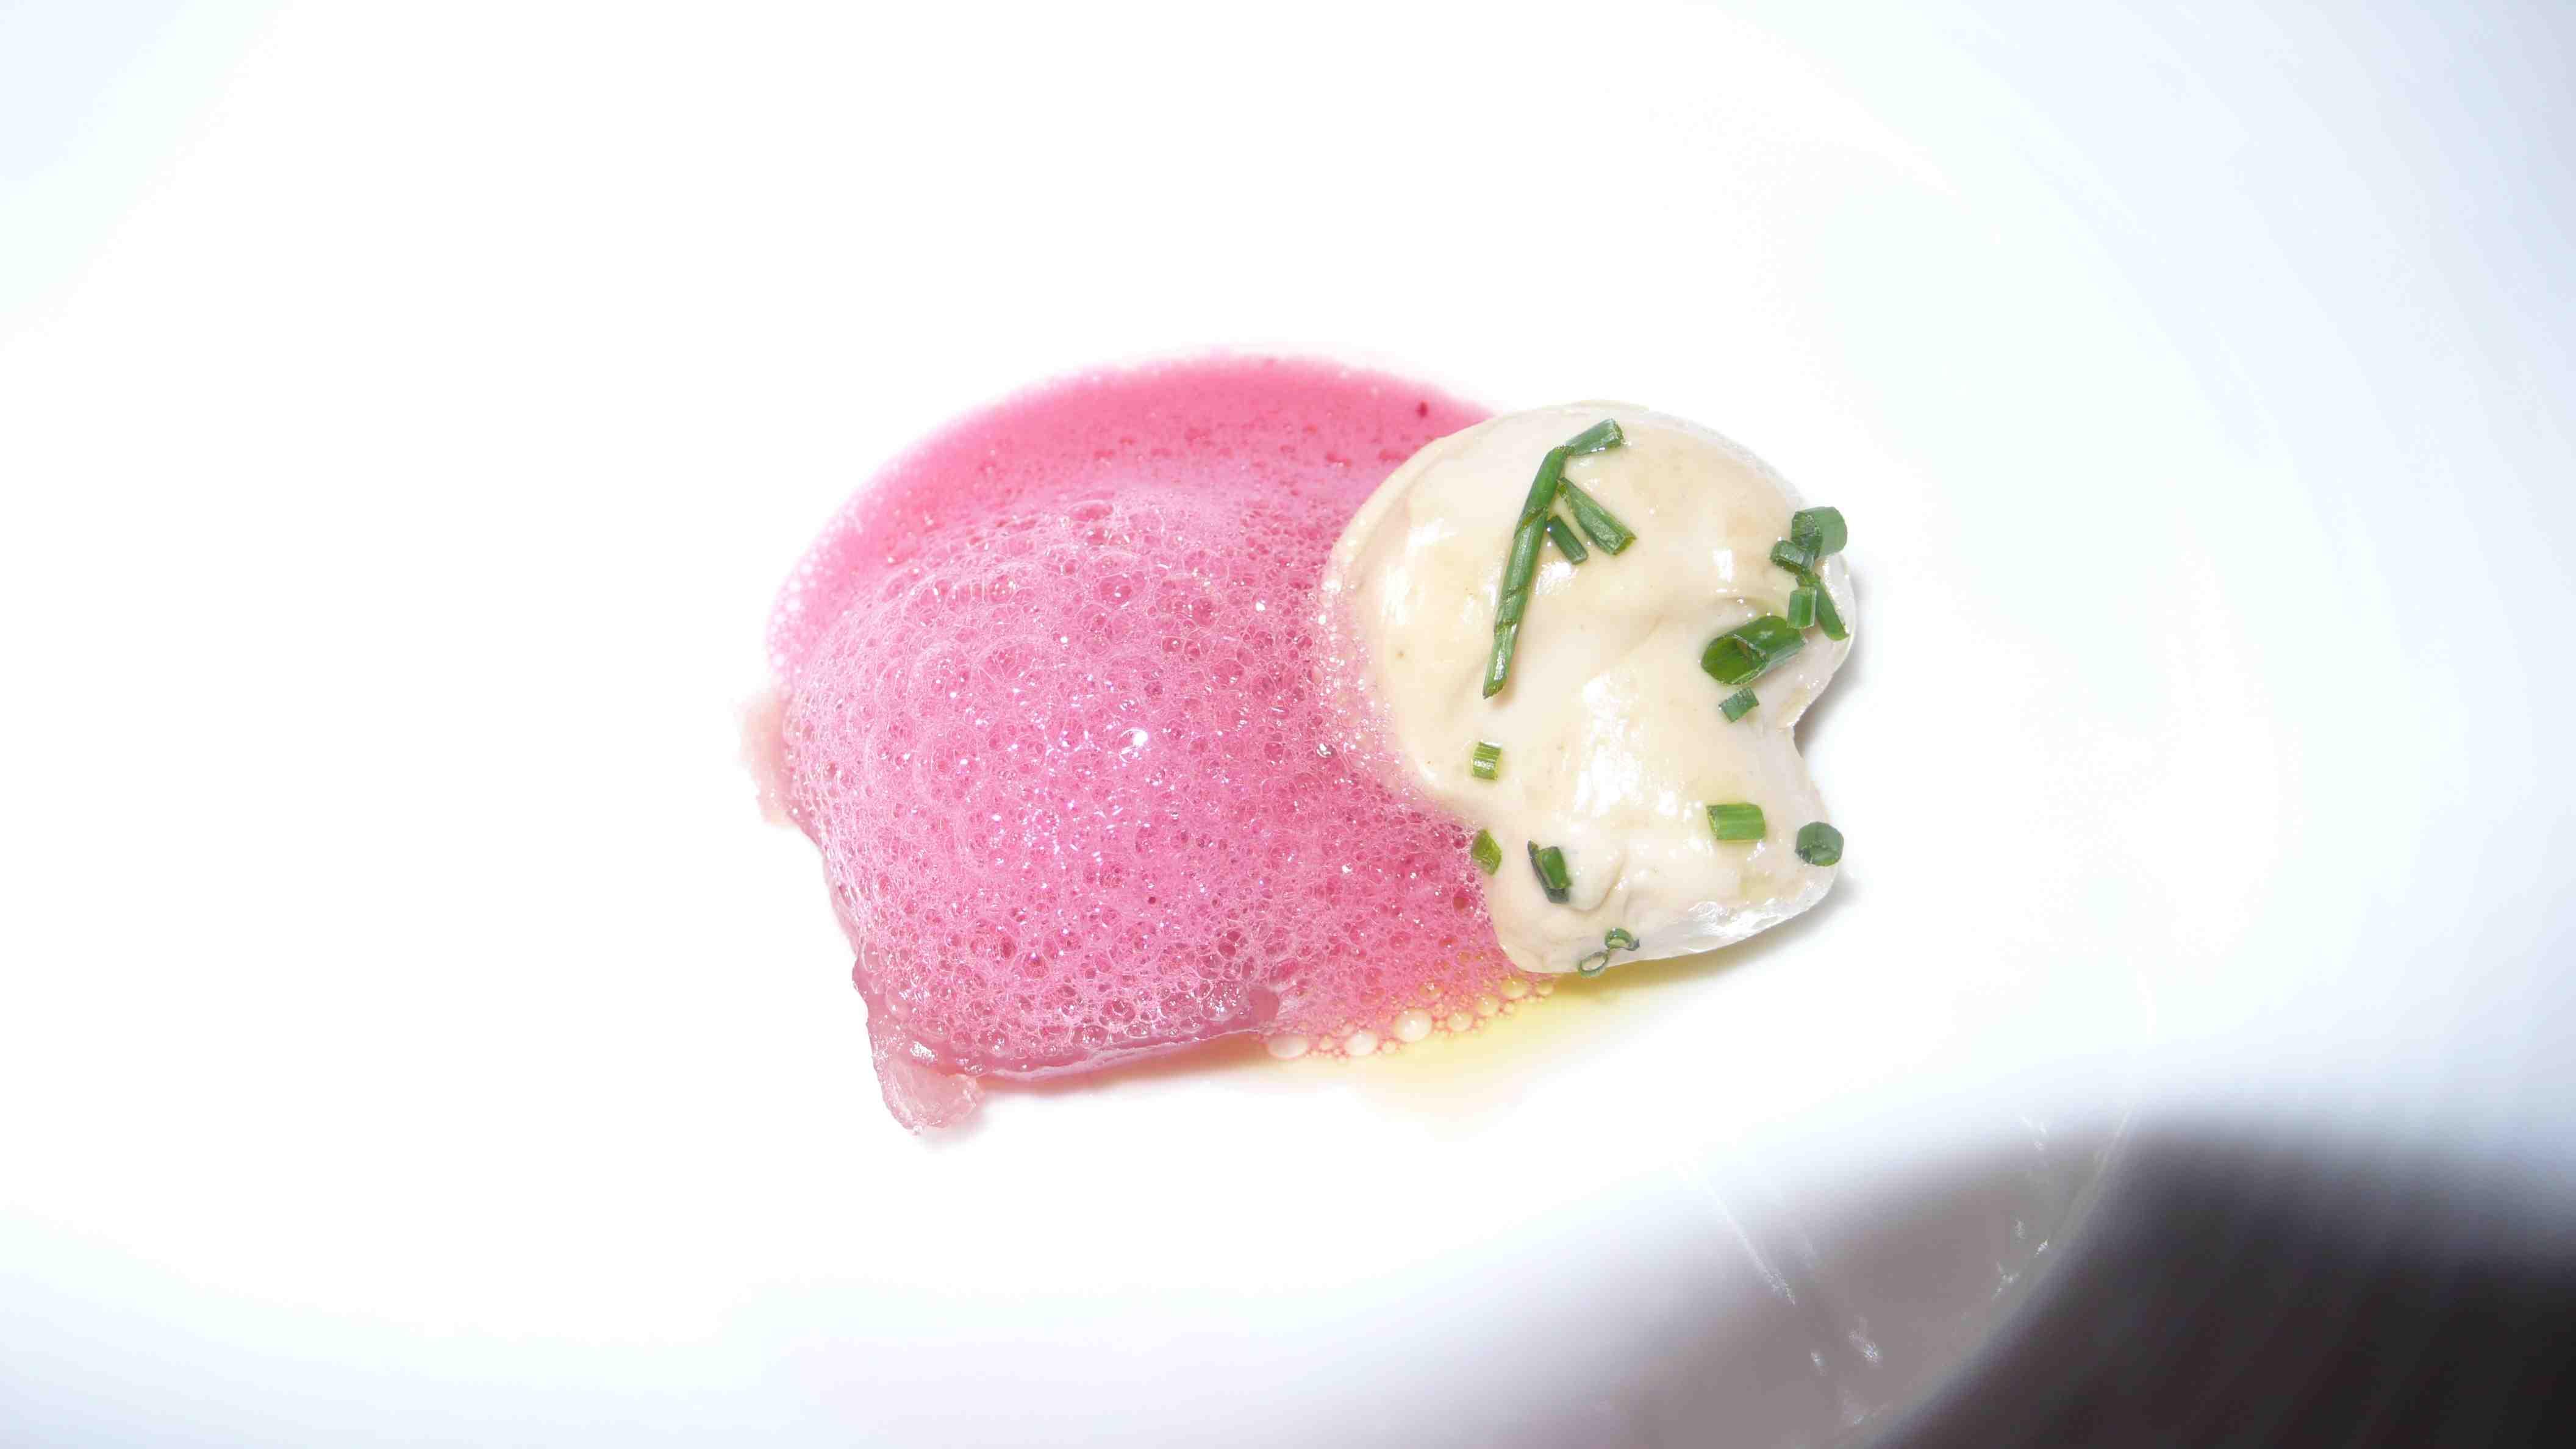 Blue fin tuna, mushroom